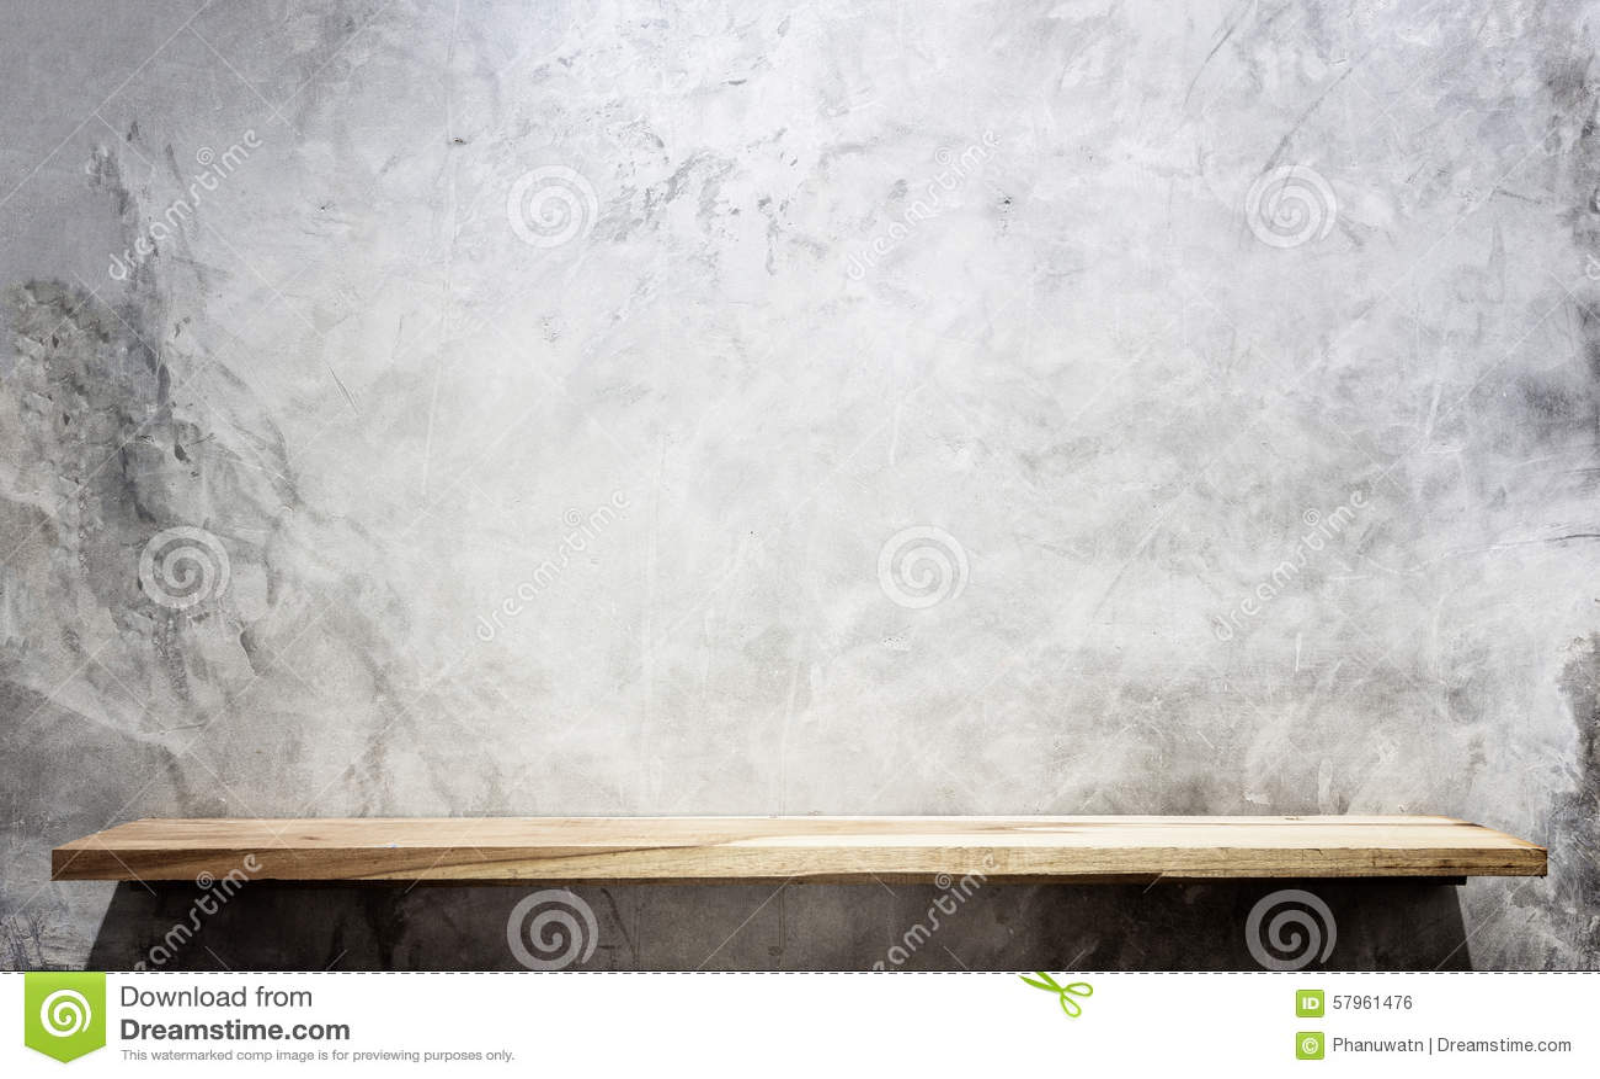 空的顶面木架子和石墙背景